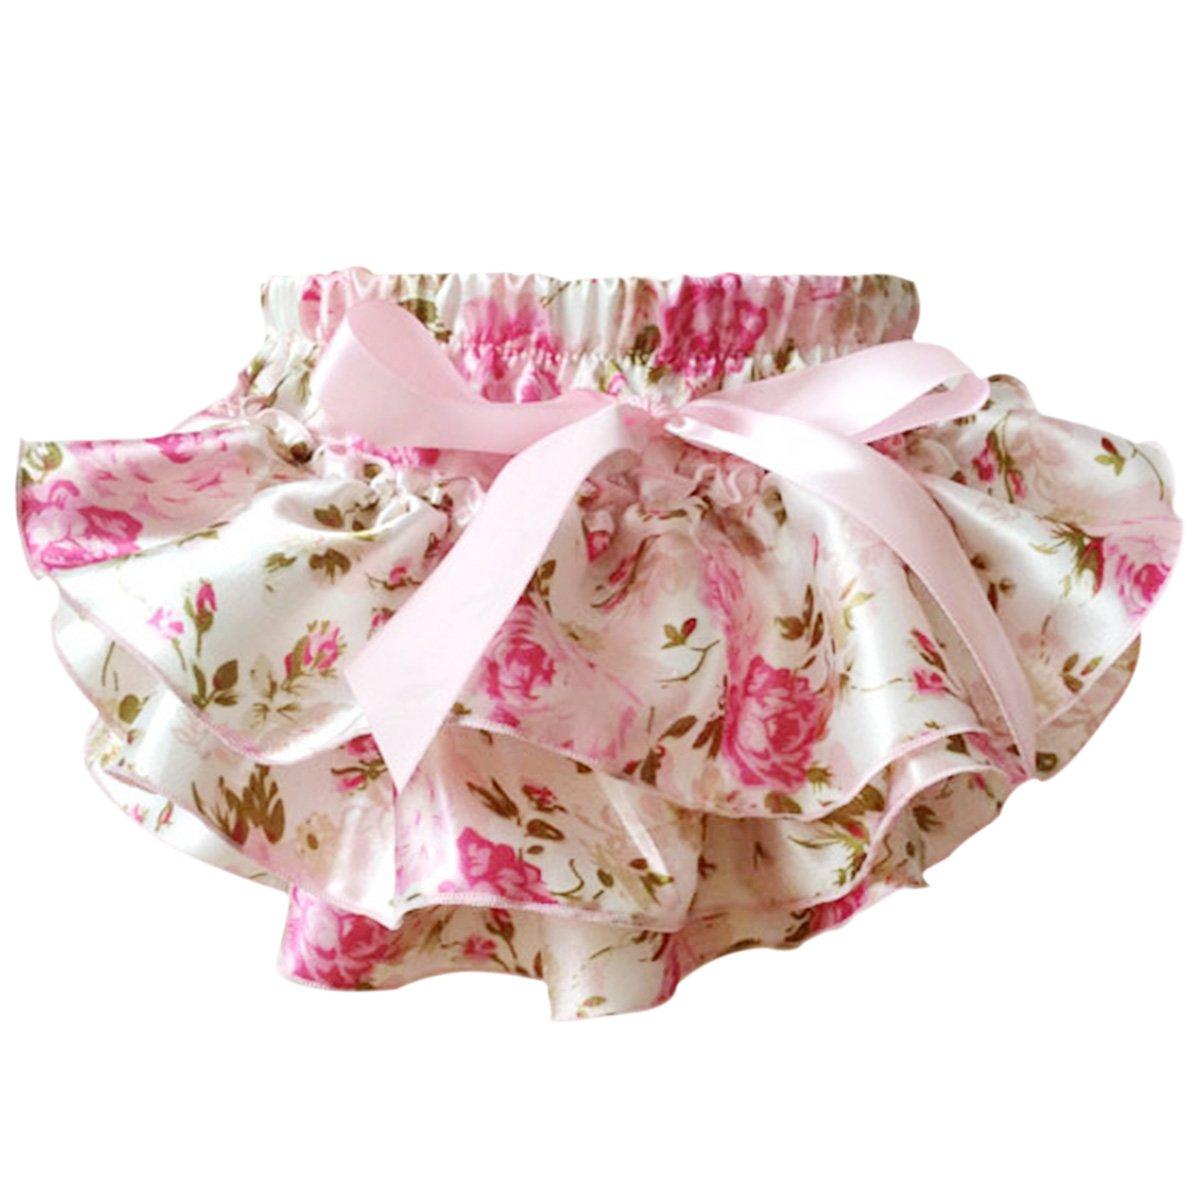 Sasairy neonate del bambino flroal Ruffle Culotte raso Bloomers strati del pannolino della copertura del fiore Shorts Gonne con l'arco 0-24 Mesi 302058PPK-YW-Parent